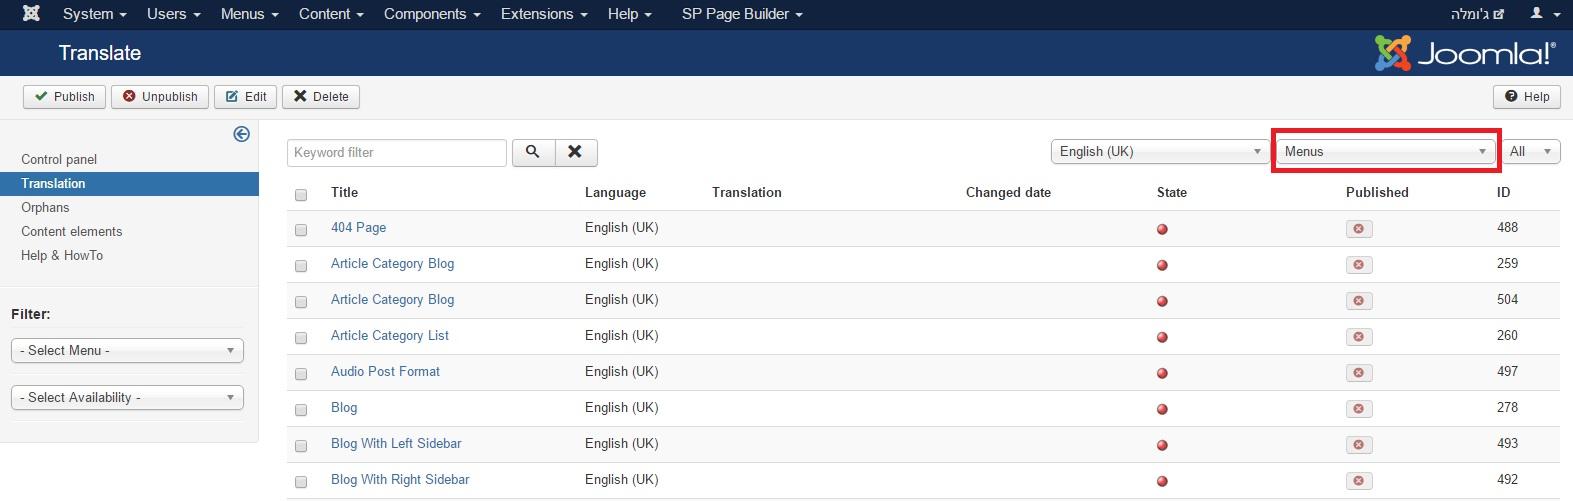 תרגום תכנים בג'ומלה באמצעות FaLang